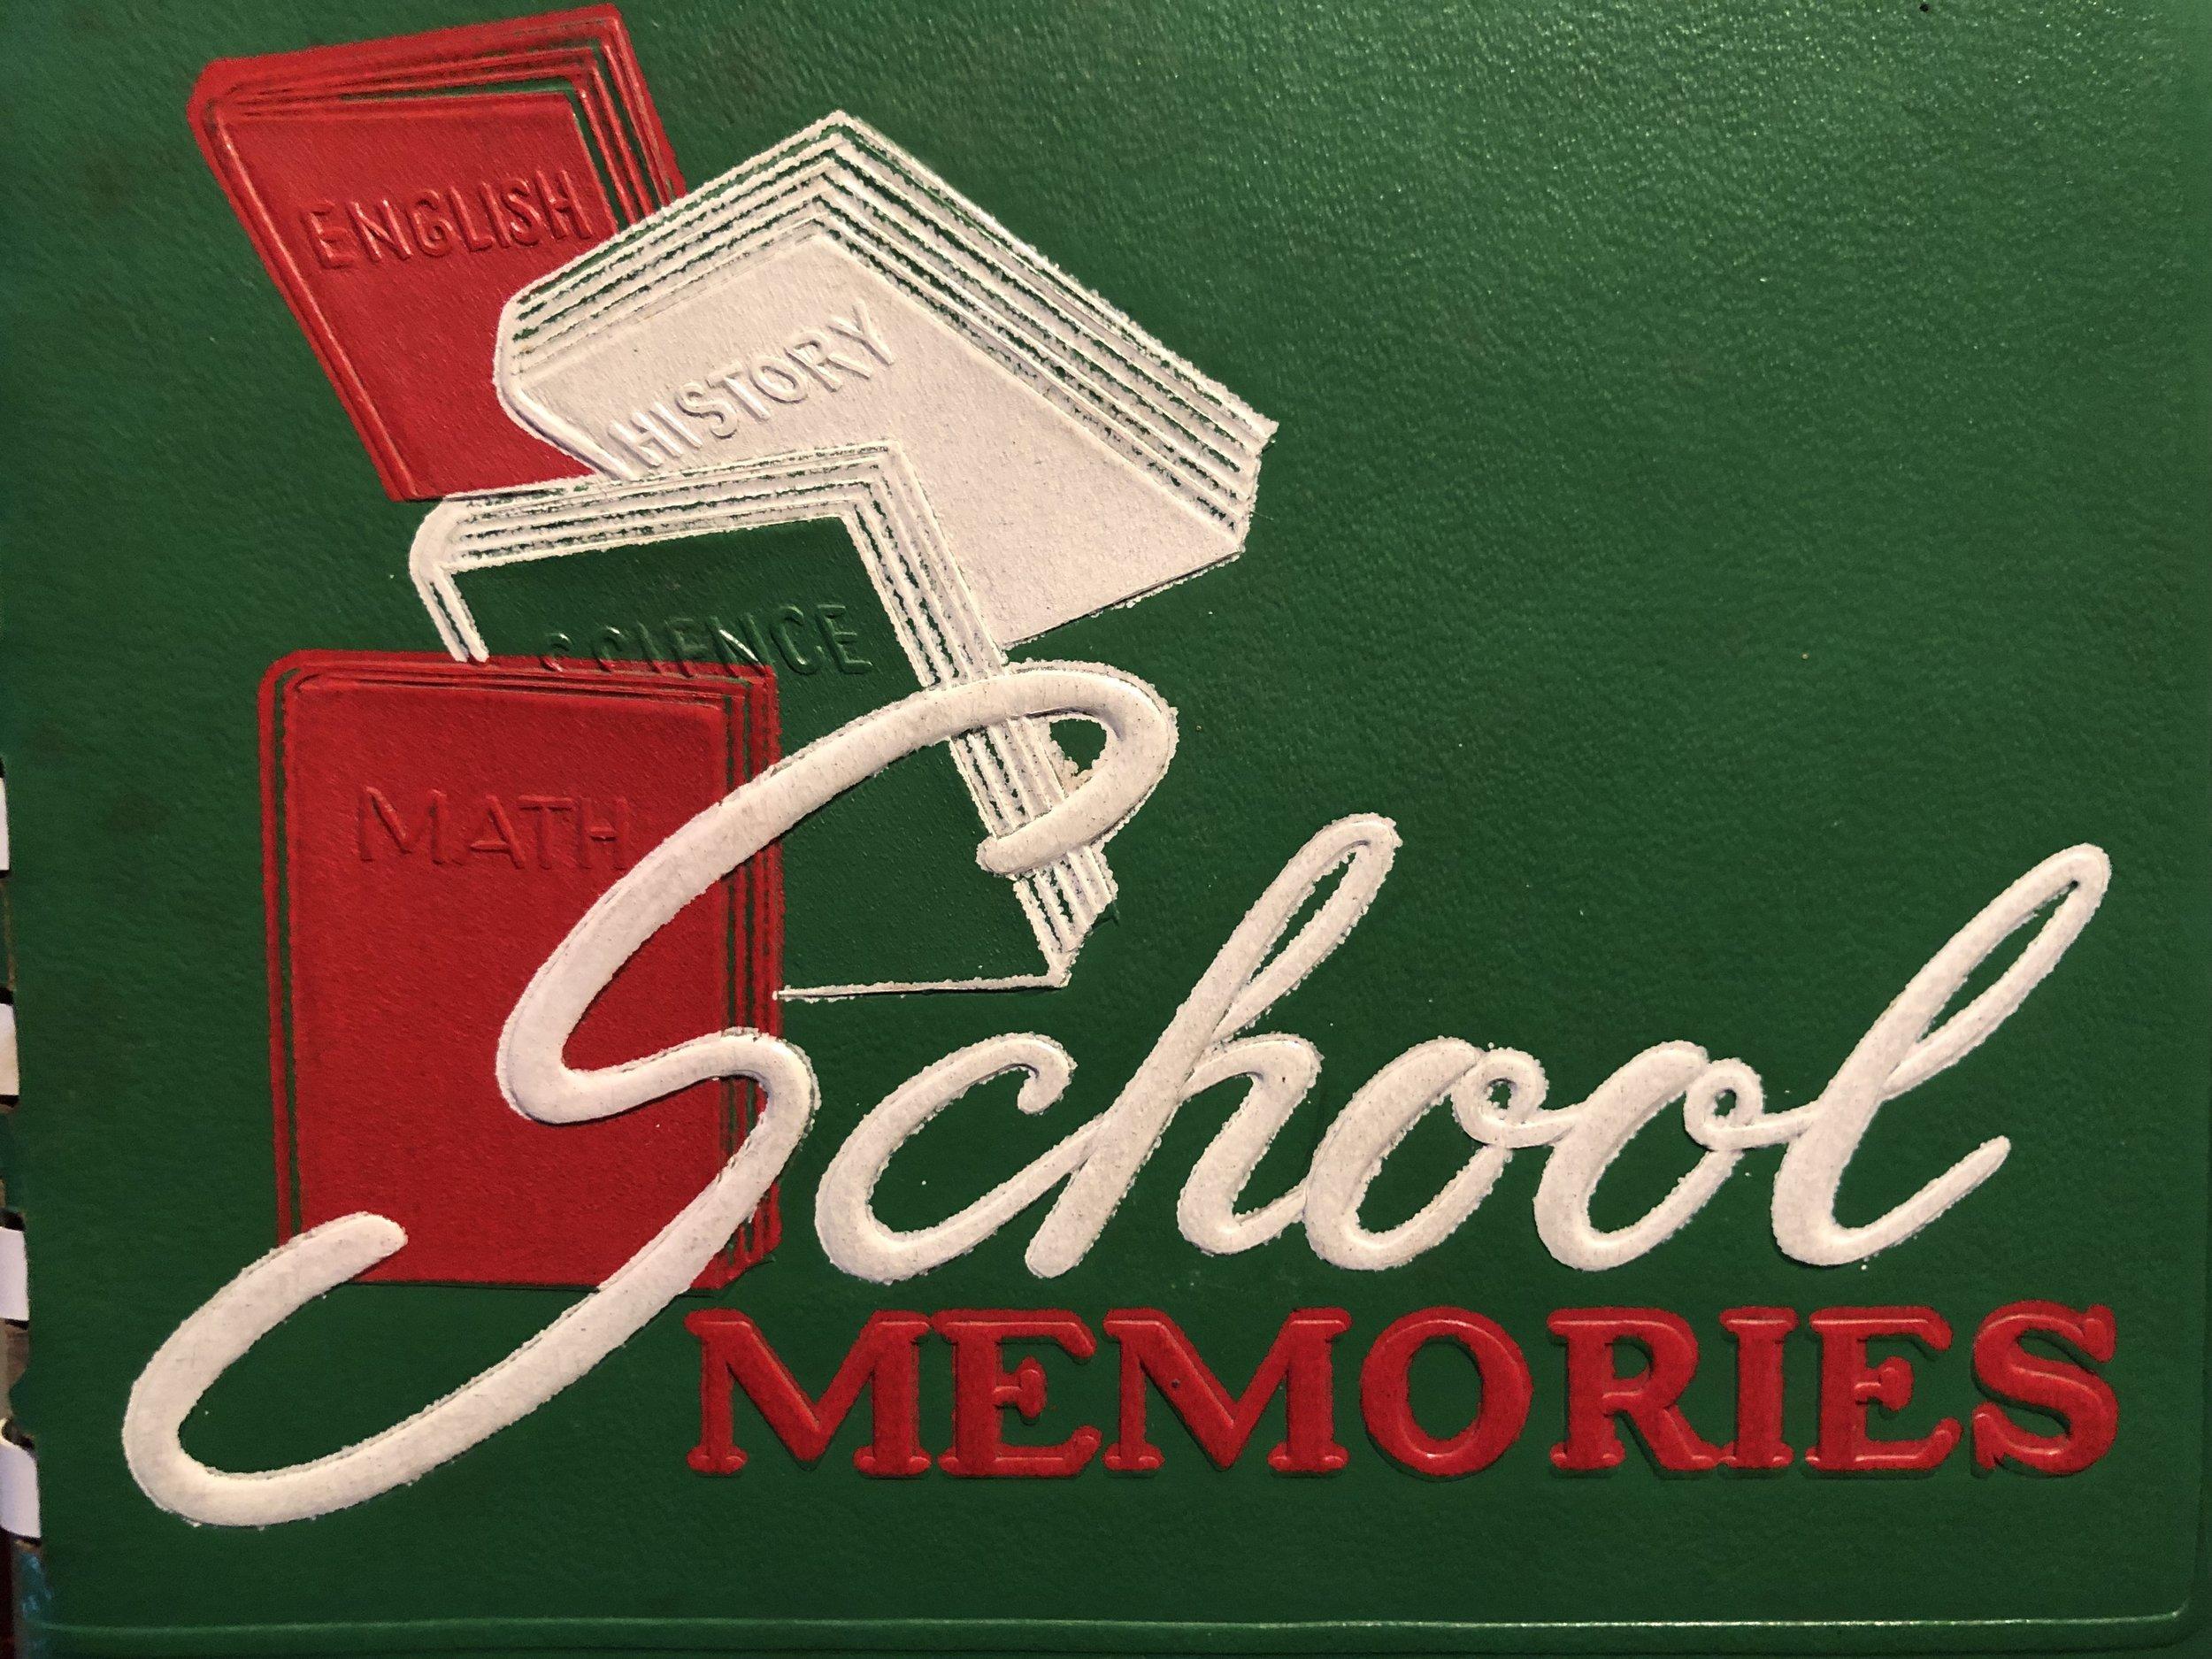 SchoolMemoriesGreenBook.jpg